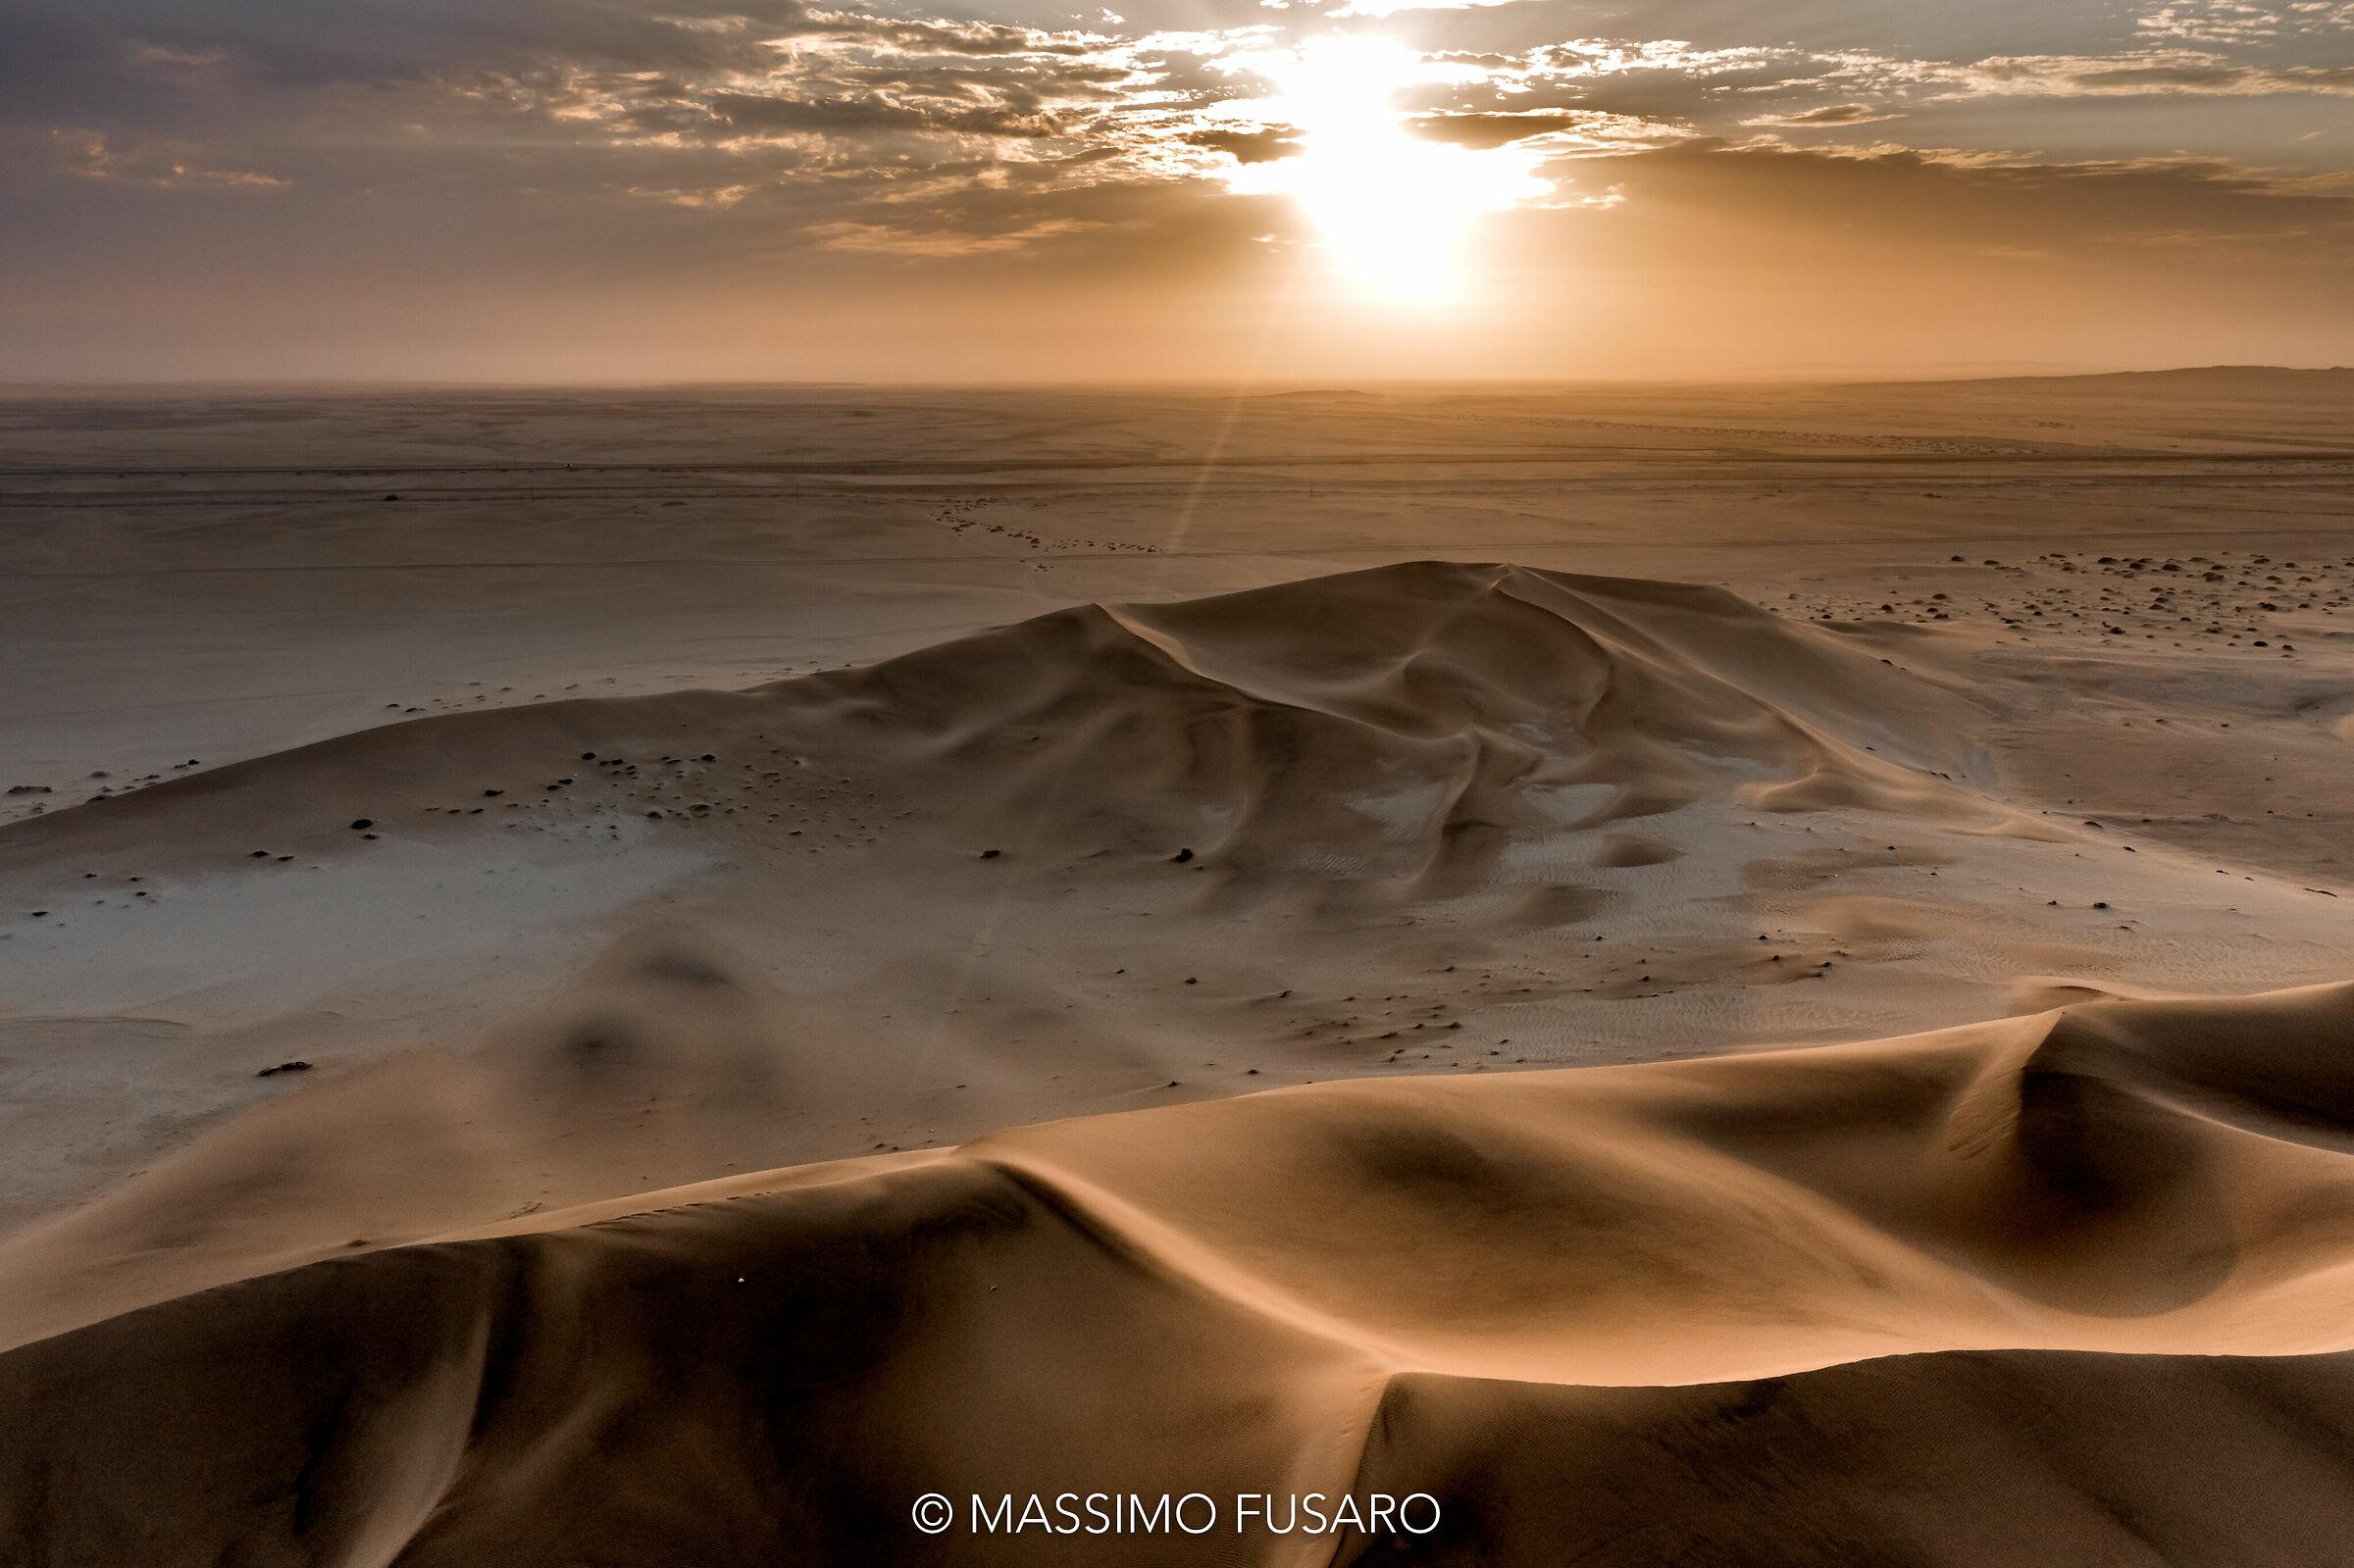 sunrise in the desert...